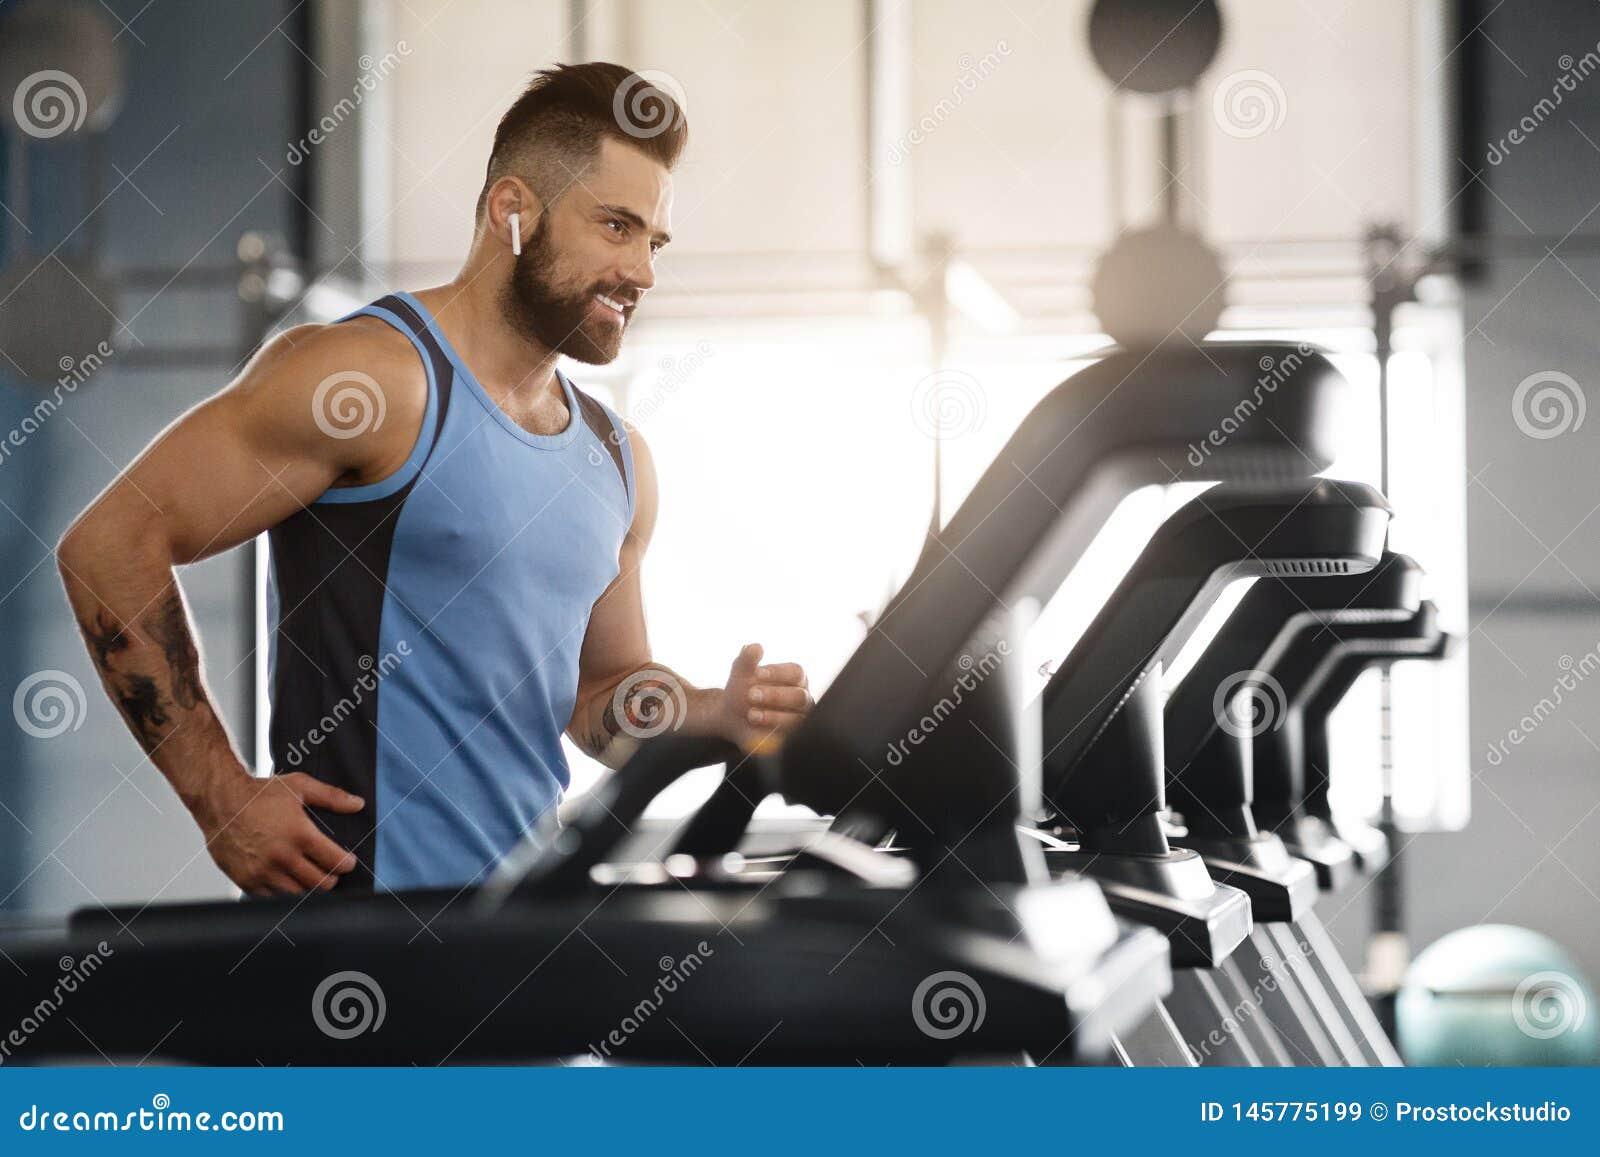 Młody przystojny mężczyzny bieg na karuzeli przy gym